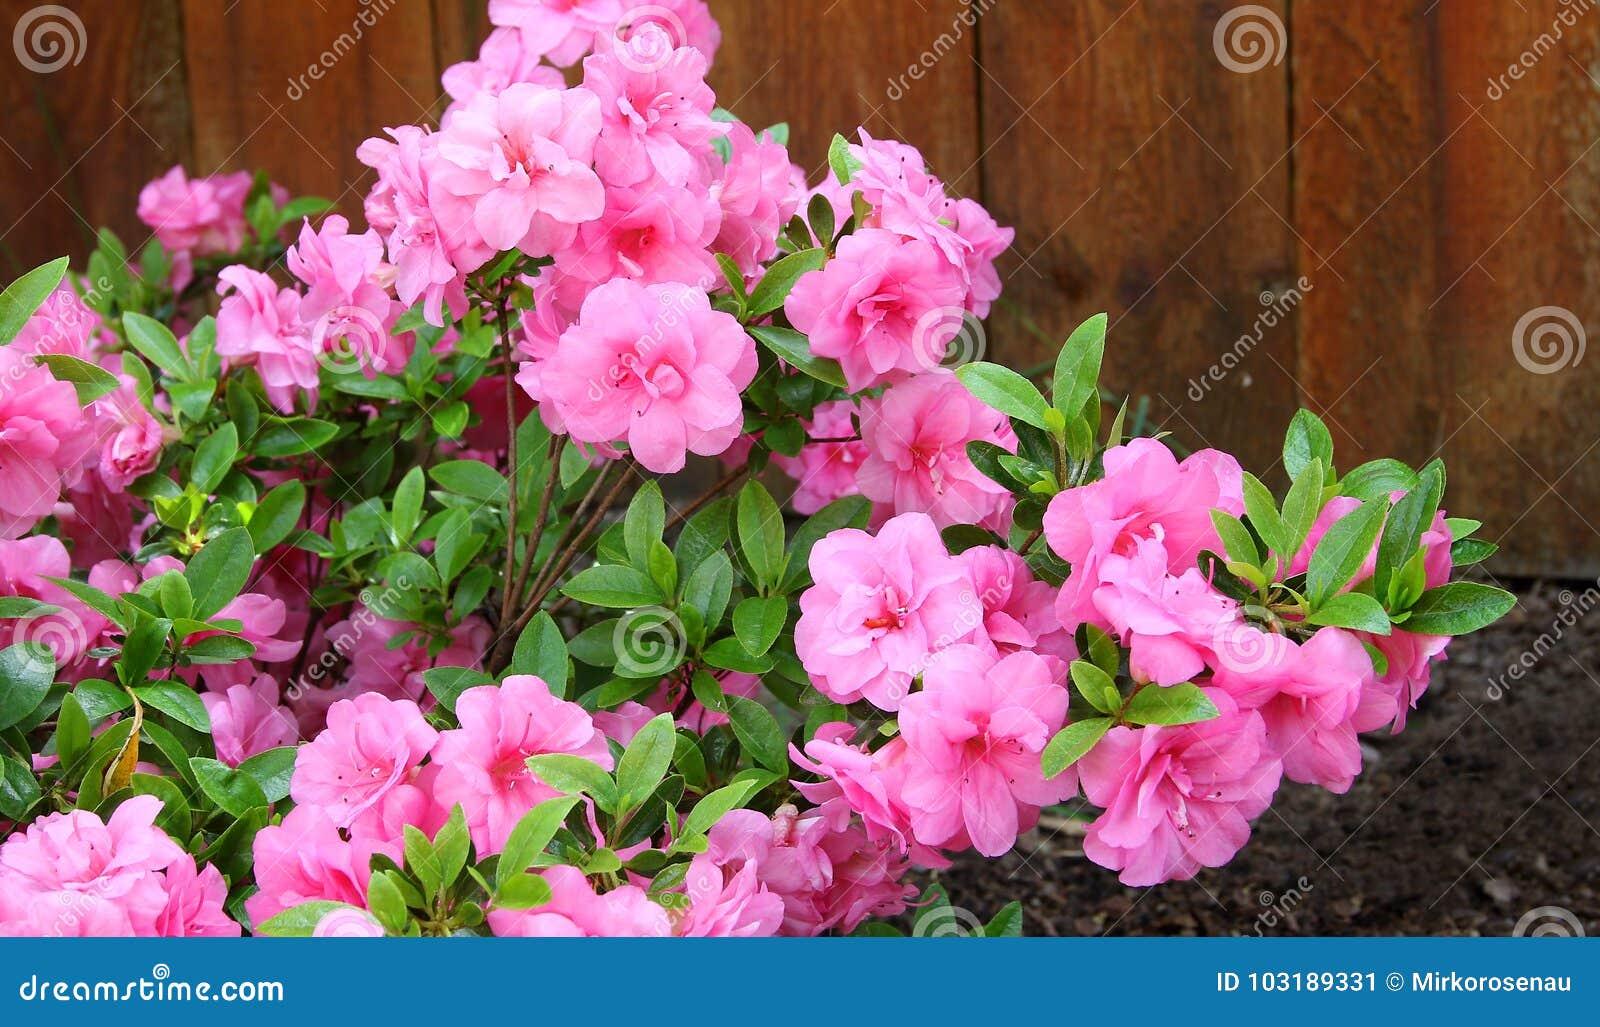 Azalea, membro degli arbusti da fiore del genere rododendro